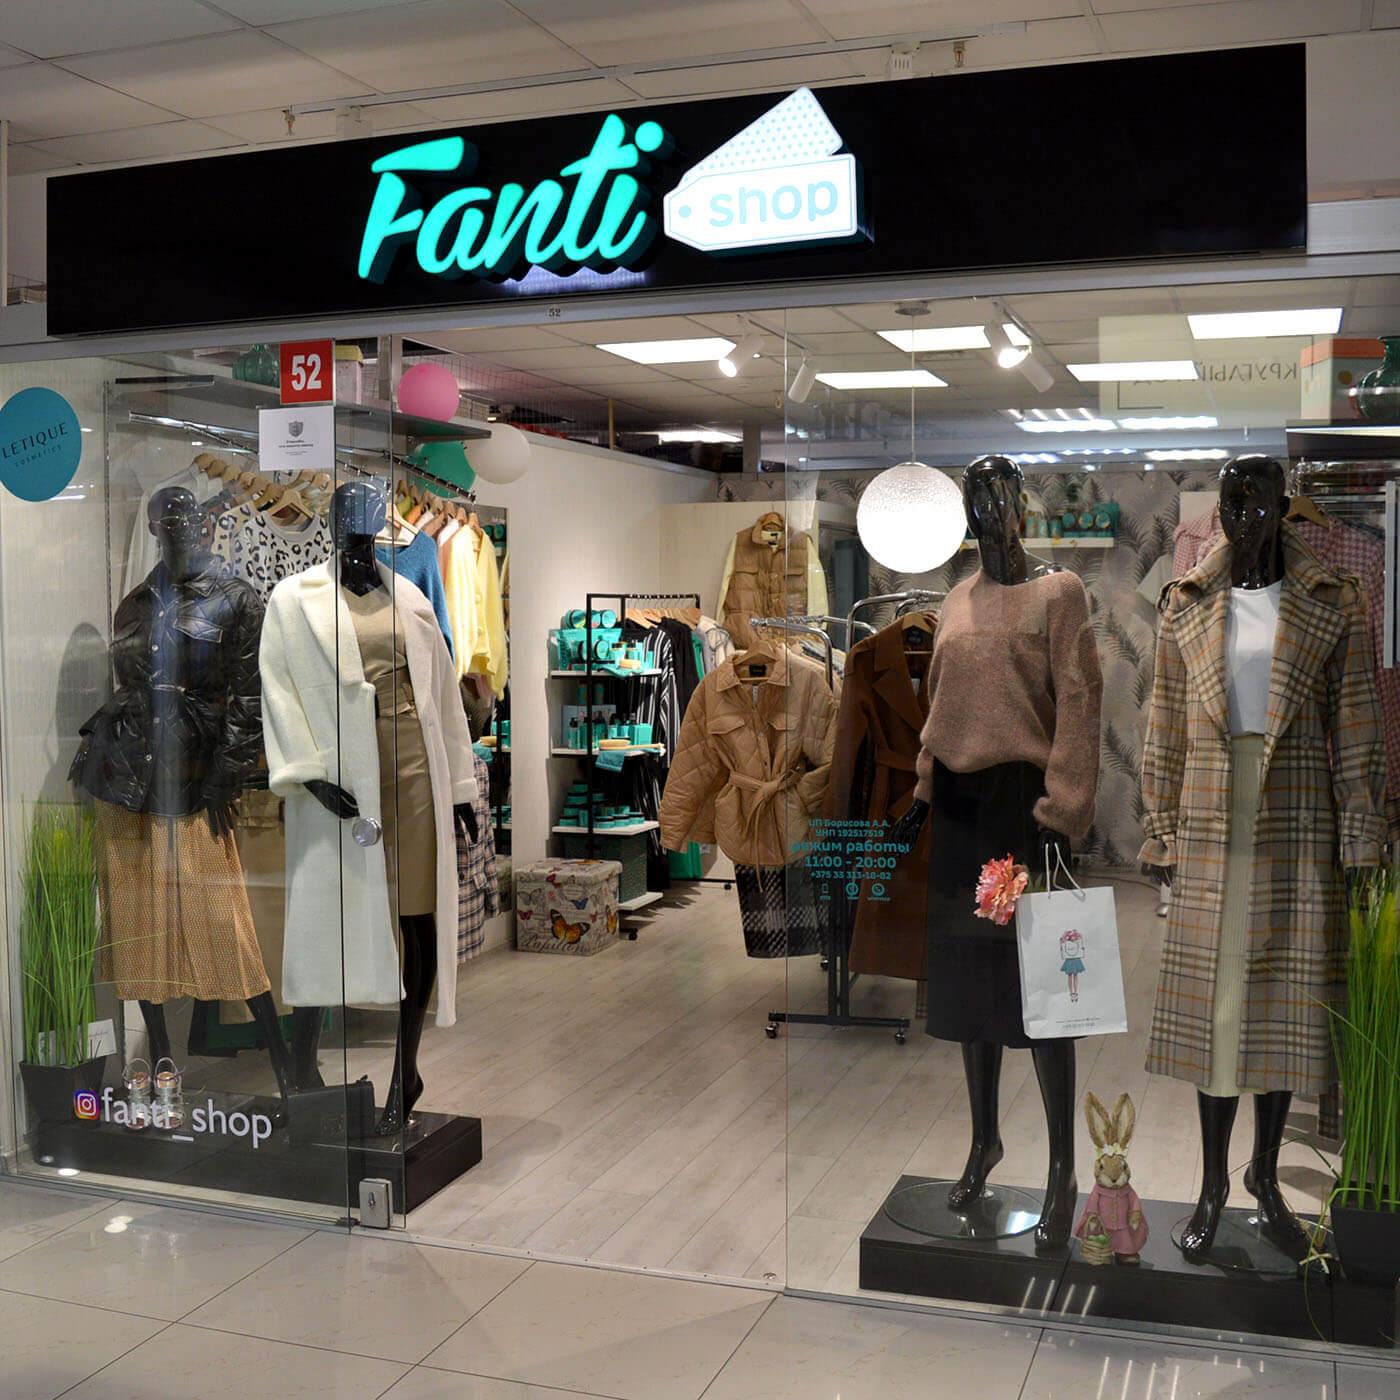 «Fanti Shop» - магазин дизайнерской одежды на 1-м этаже в павильоне №52 в Торговом Центре «Немига 3»